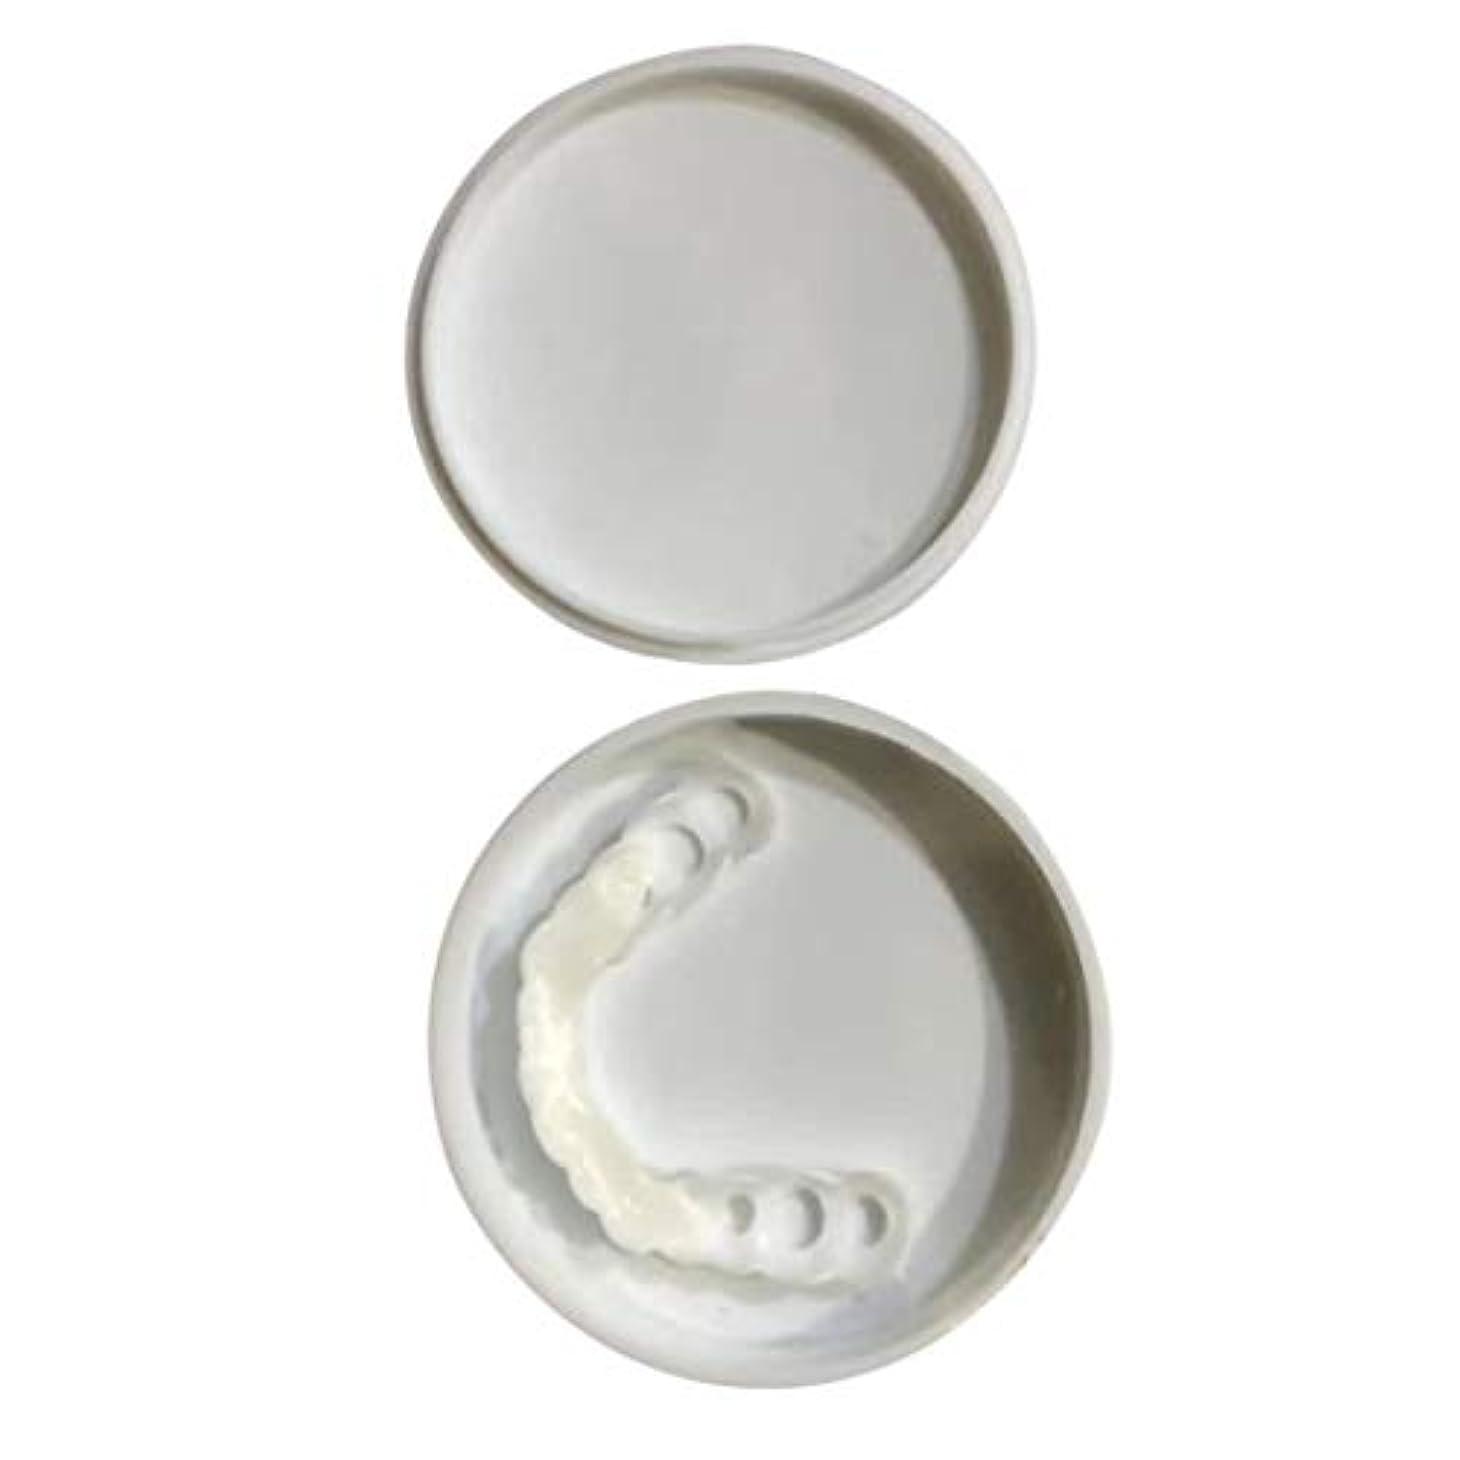 トン添加剤ベスビオ山快適なスナップオン男性女性歯インスタントパーフェクトスマイルコンフォートフィットフレックス歯フィットホワイトニング笑顔偽歯カバー - ホワイト